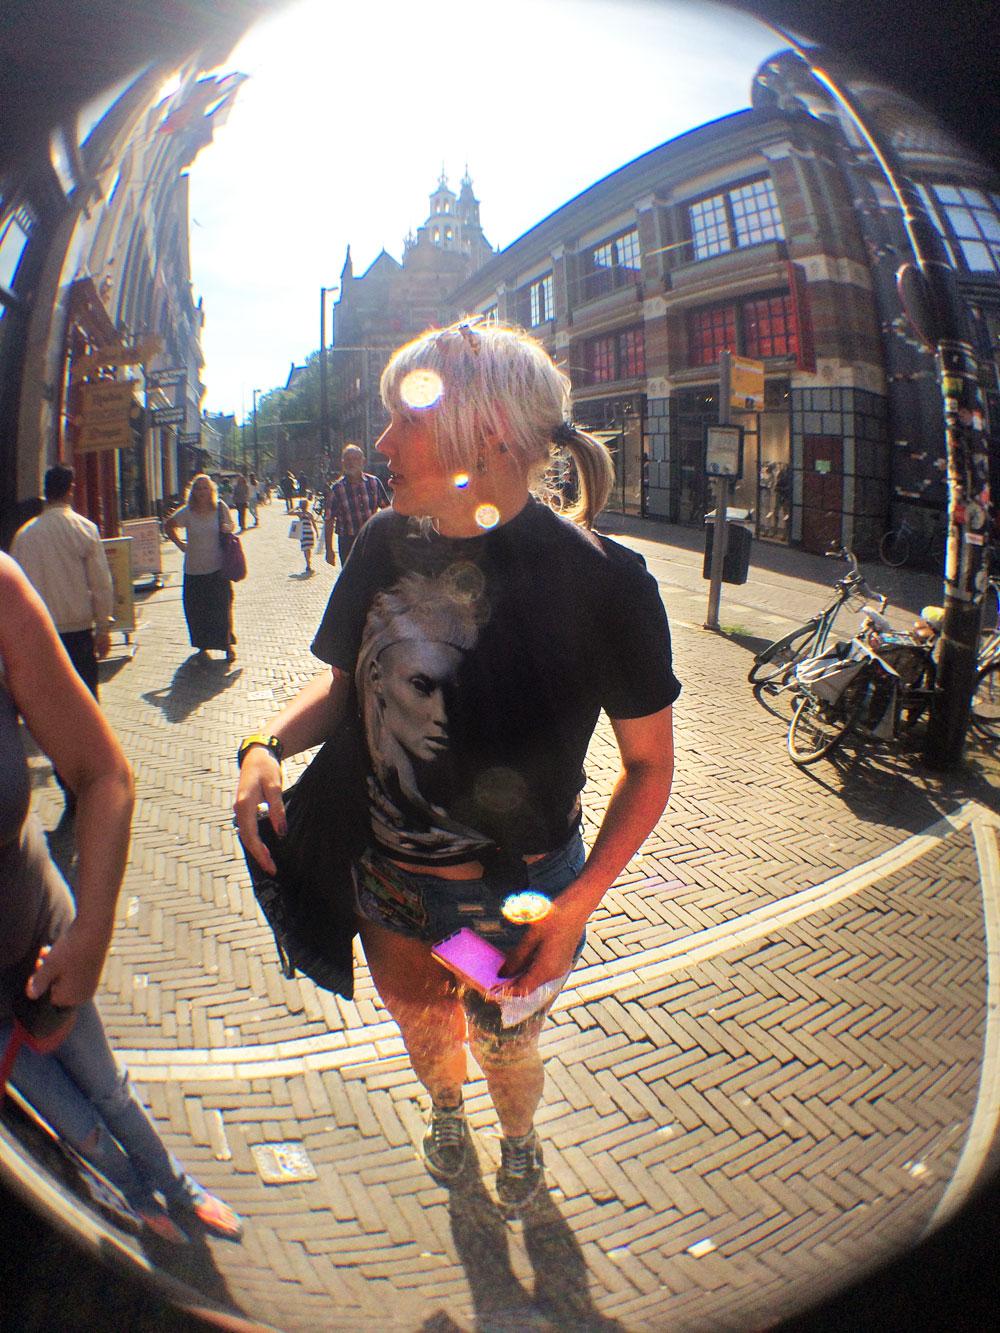 scheveningen holland strand urlaub stadt yolandi visser die antwoord outfit avengers shorts primark lensflare fisheye